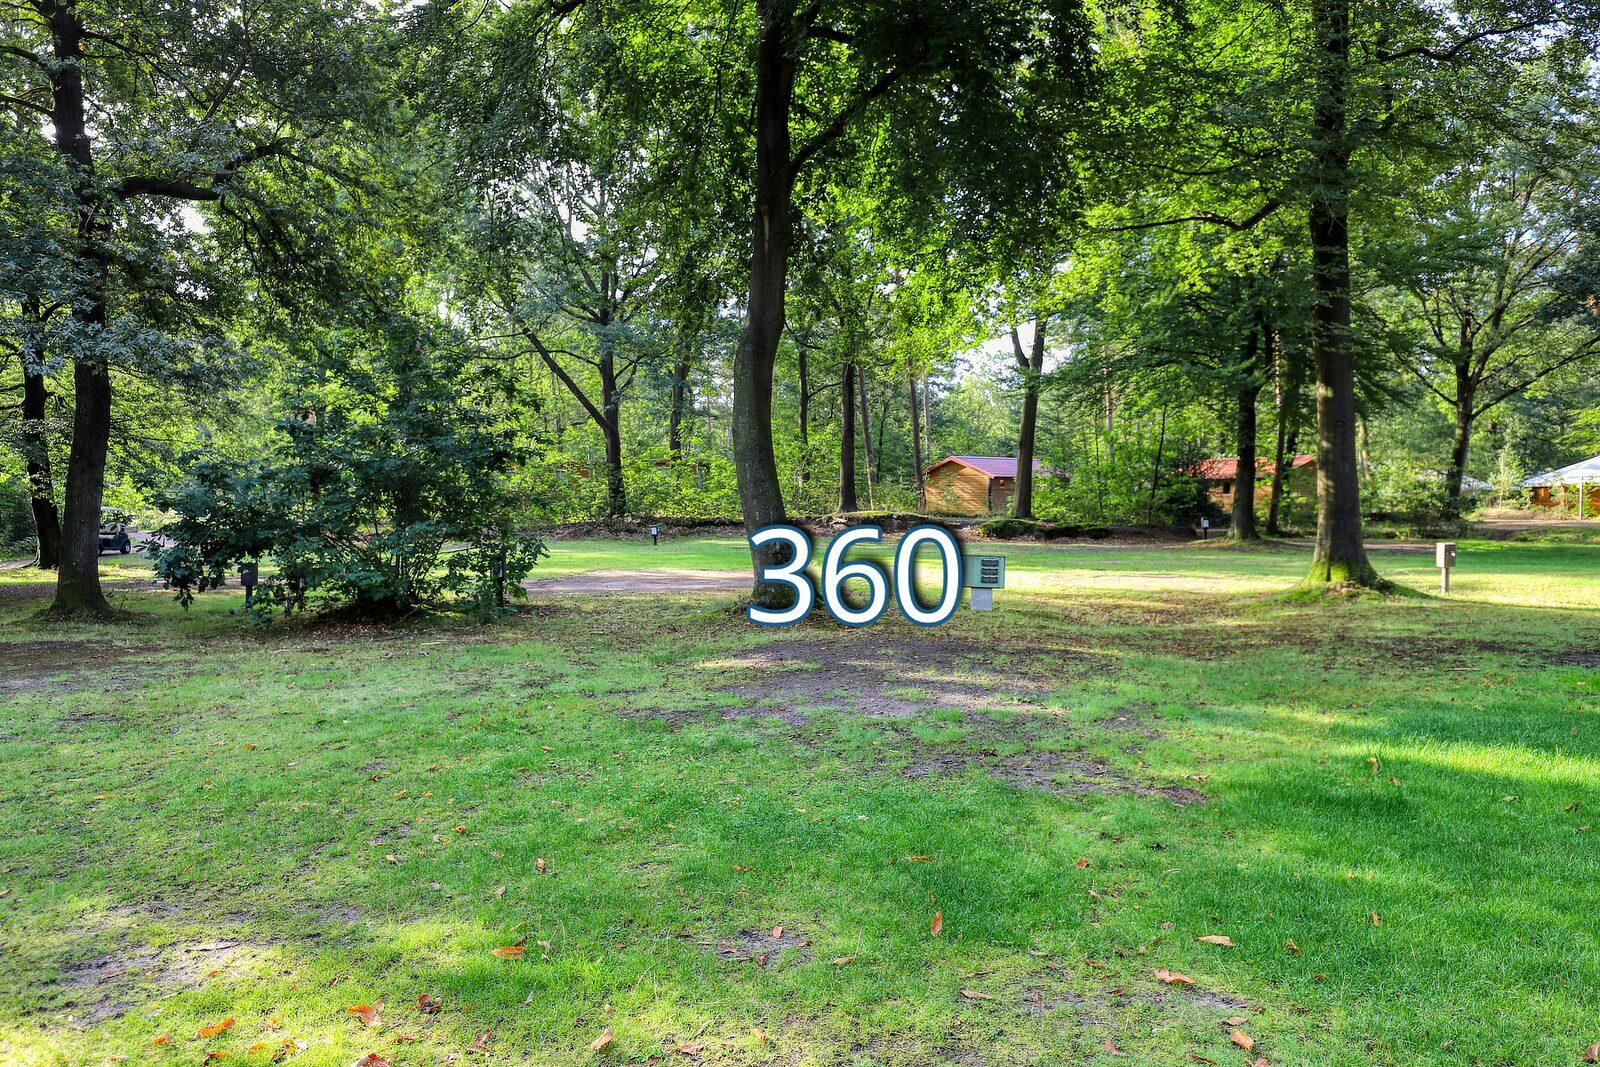 houtduif 360